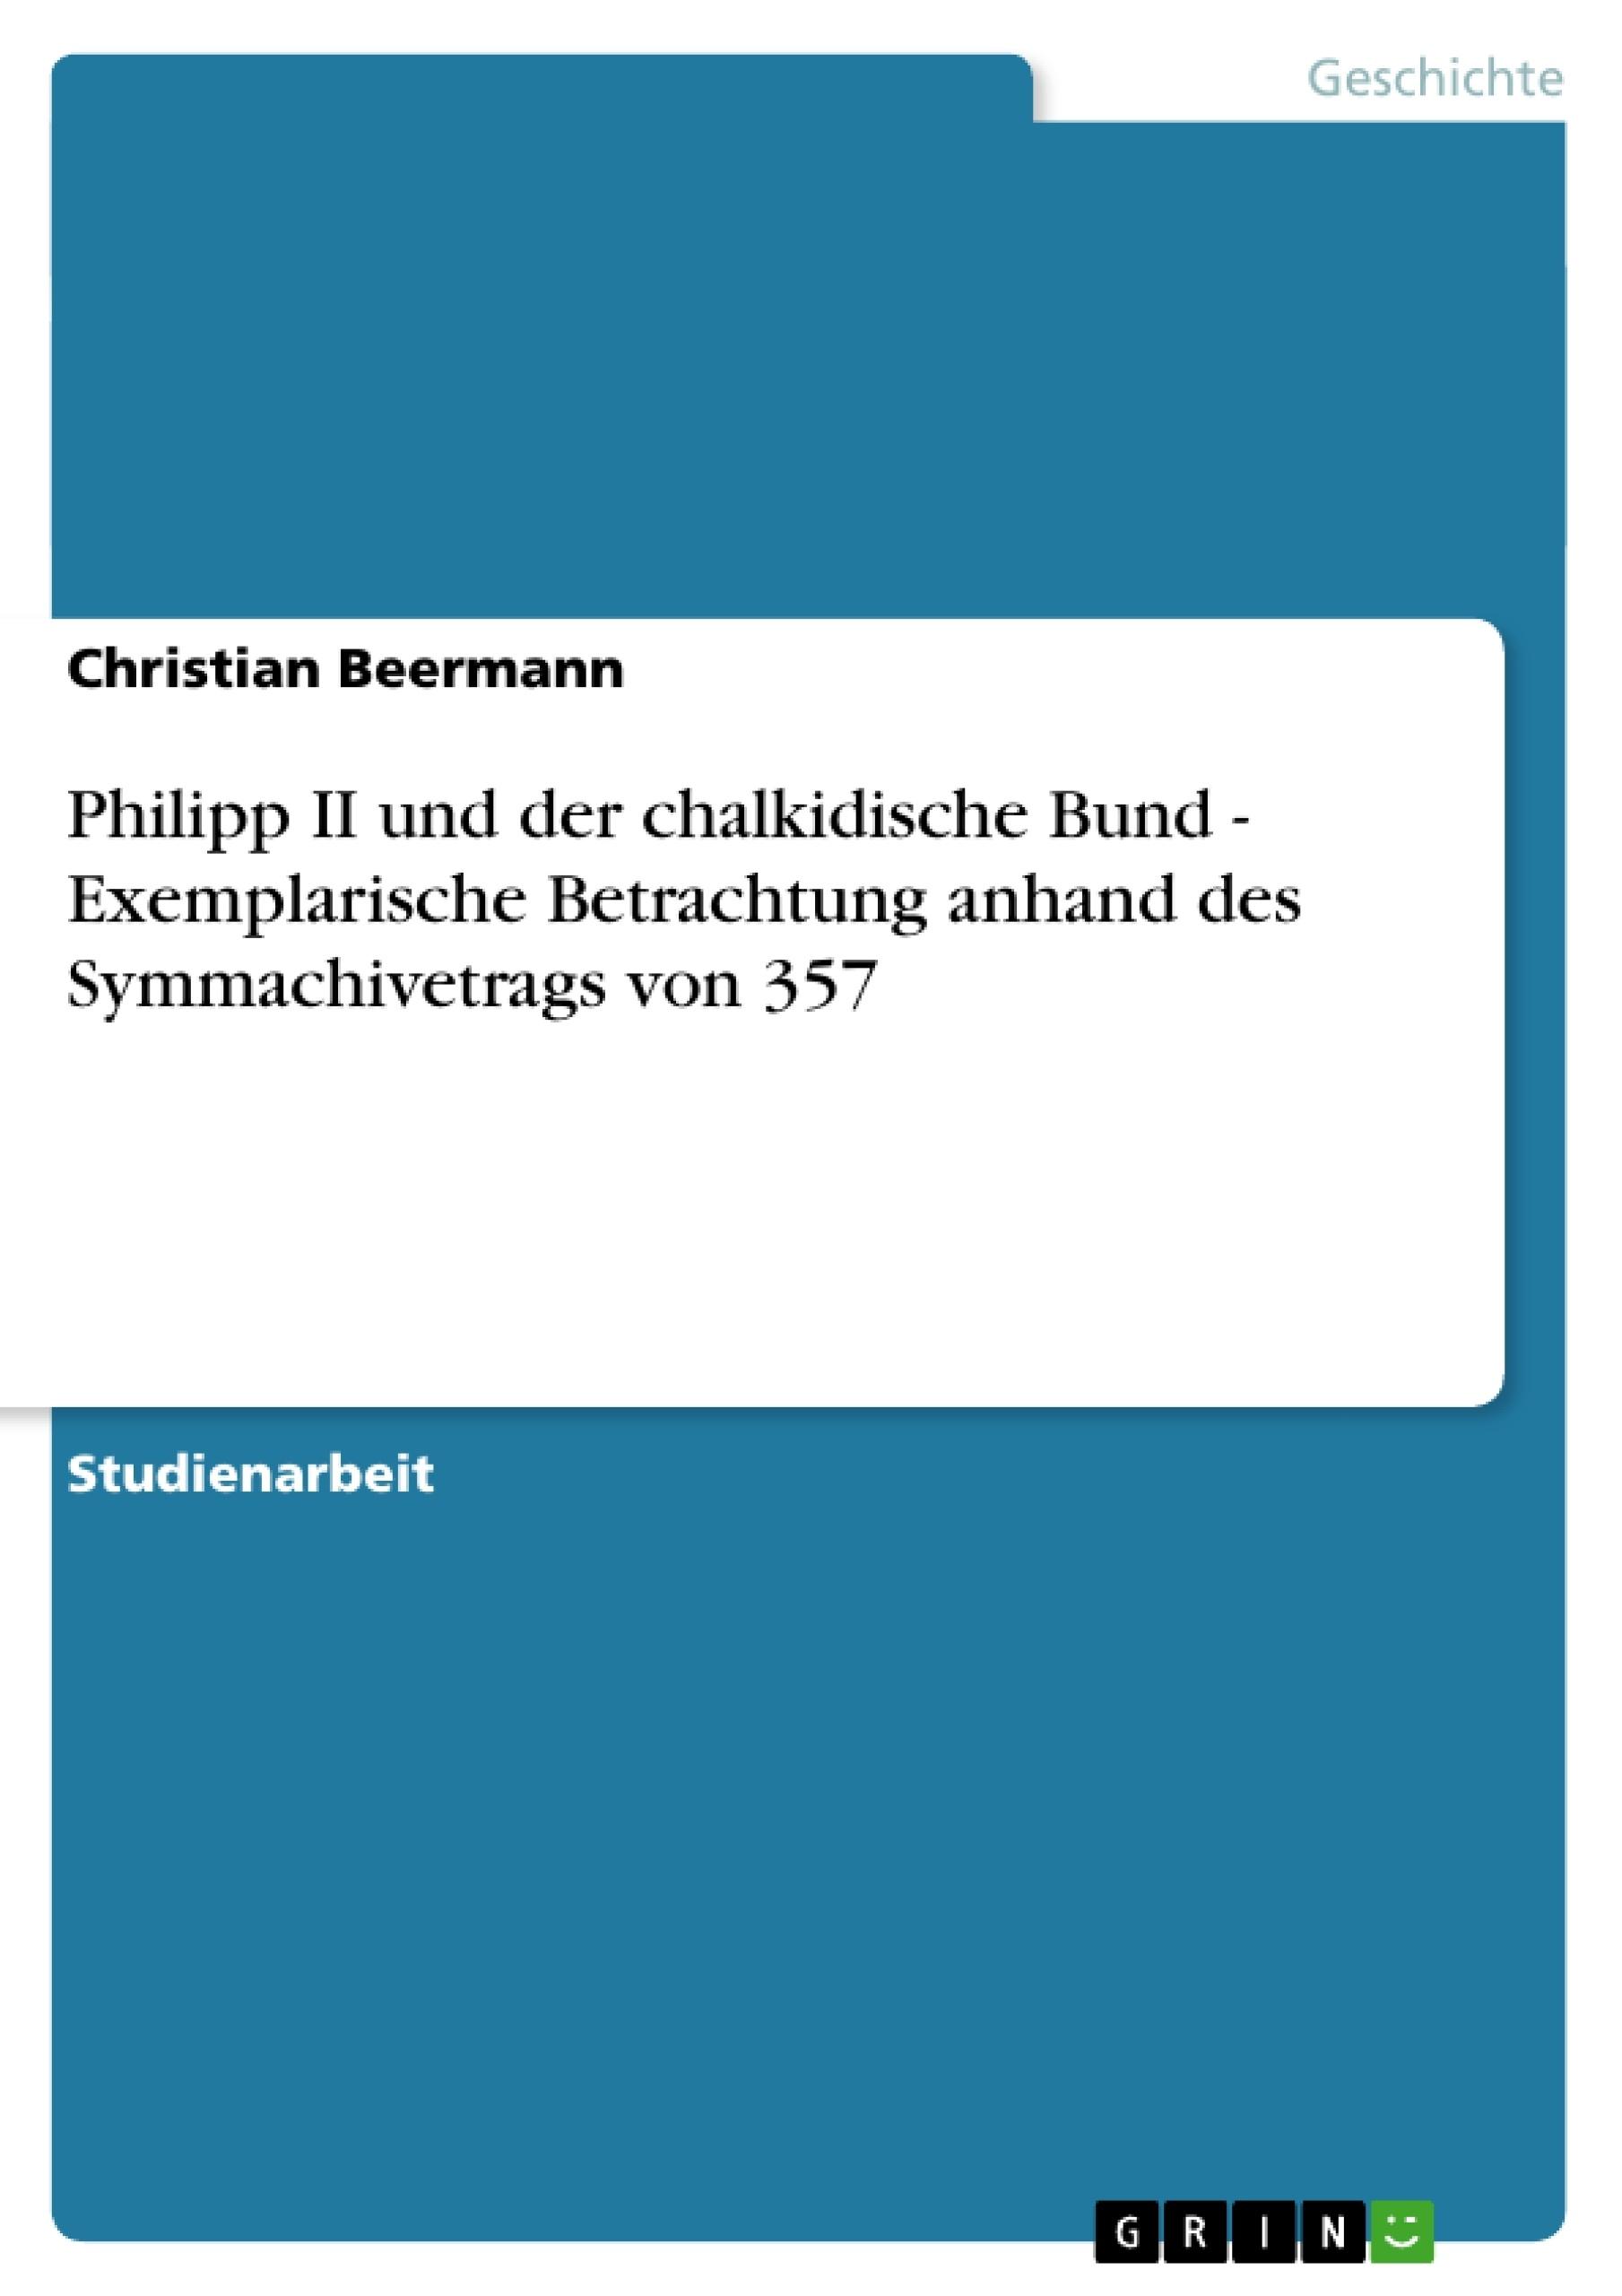 Titel: Philipp II und der chalkidische Bund - Exemplarische Betrachtung anhand des Symmachivetrags von 357